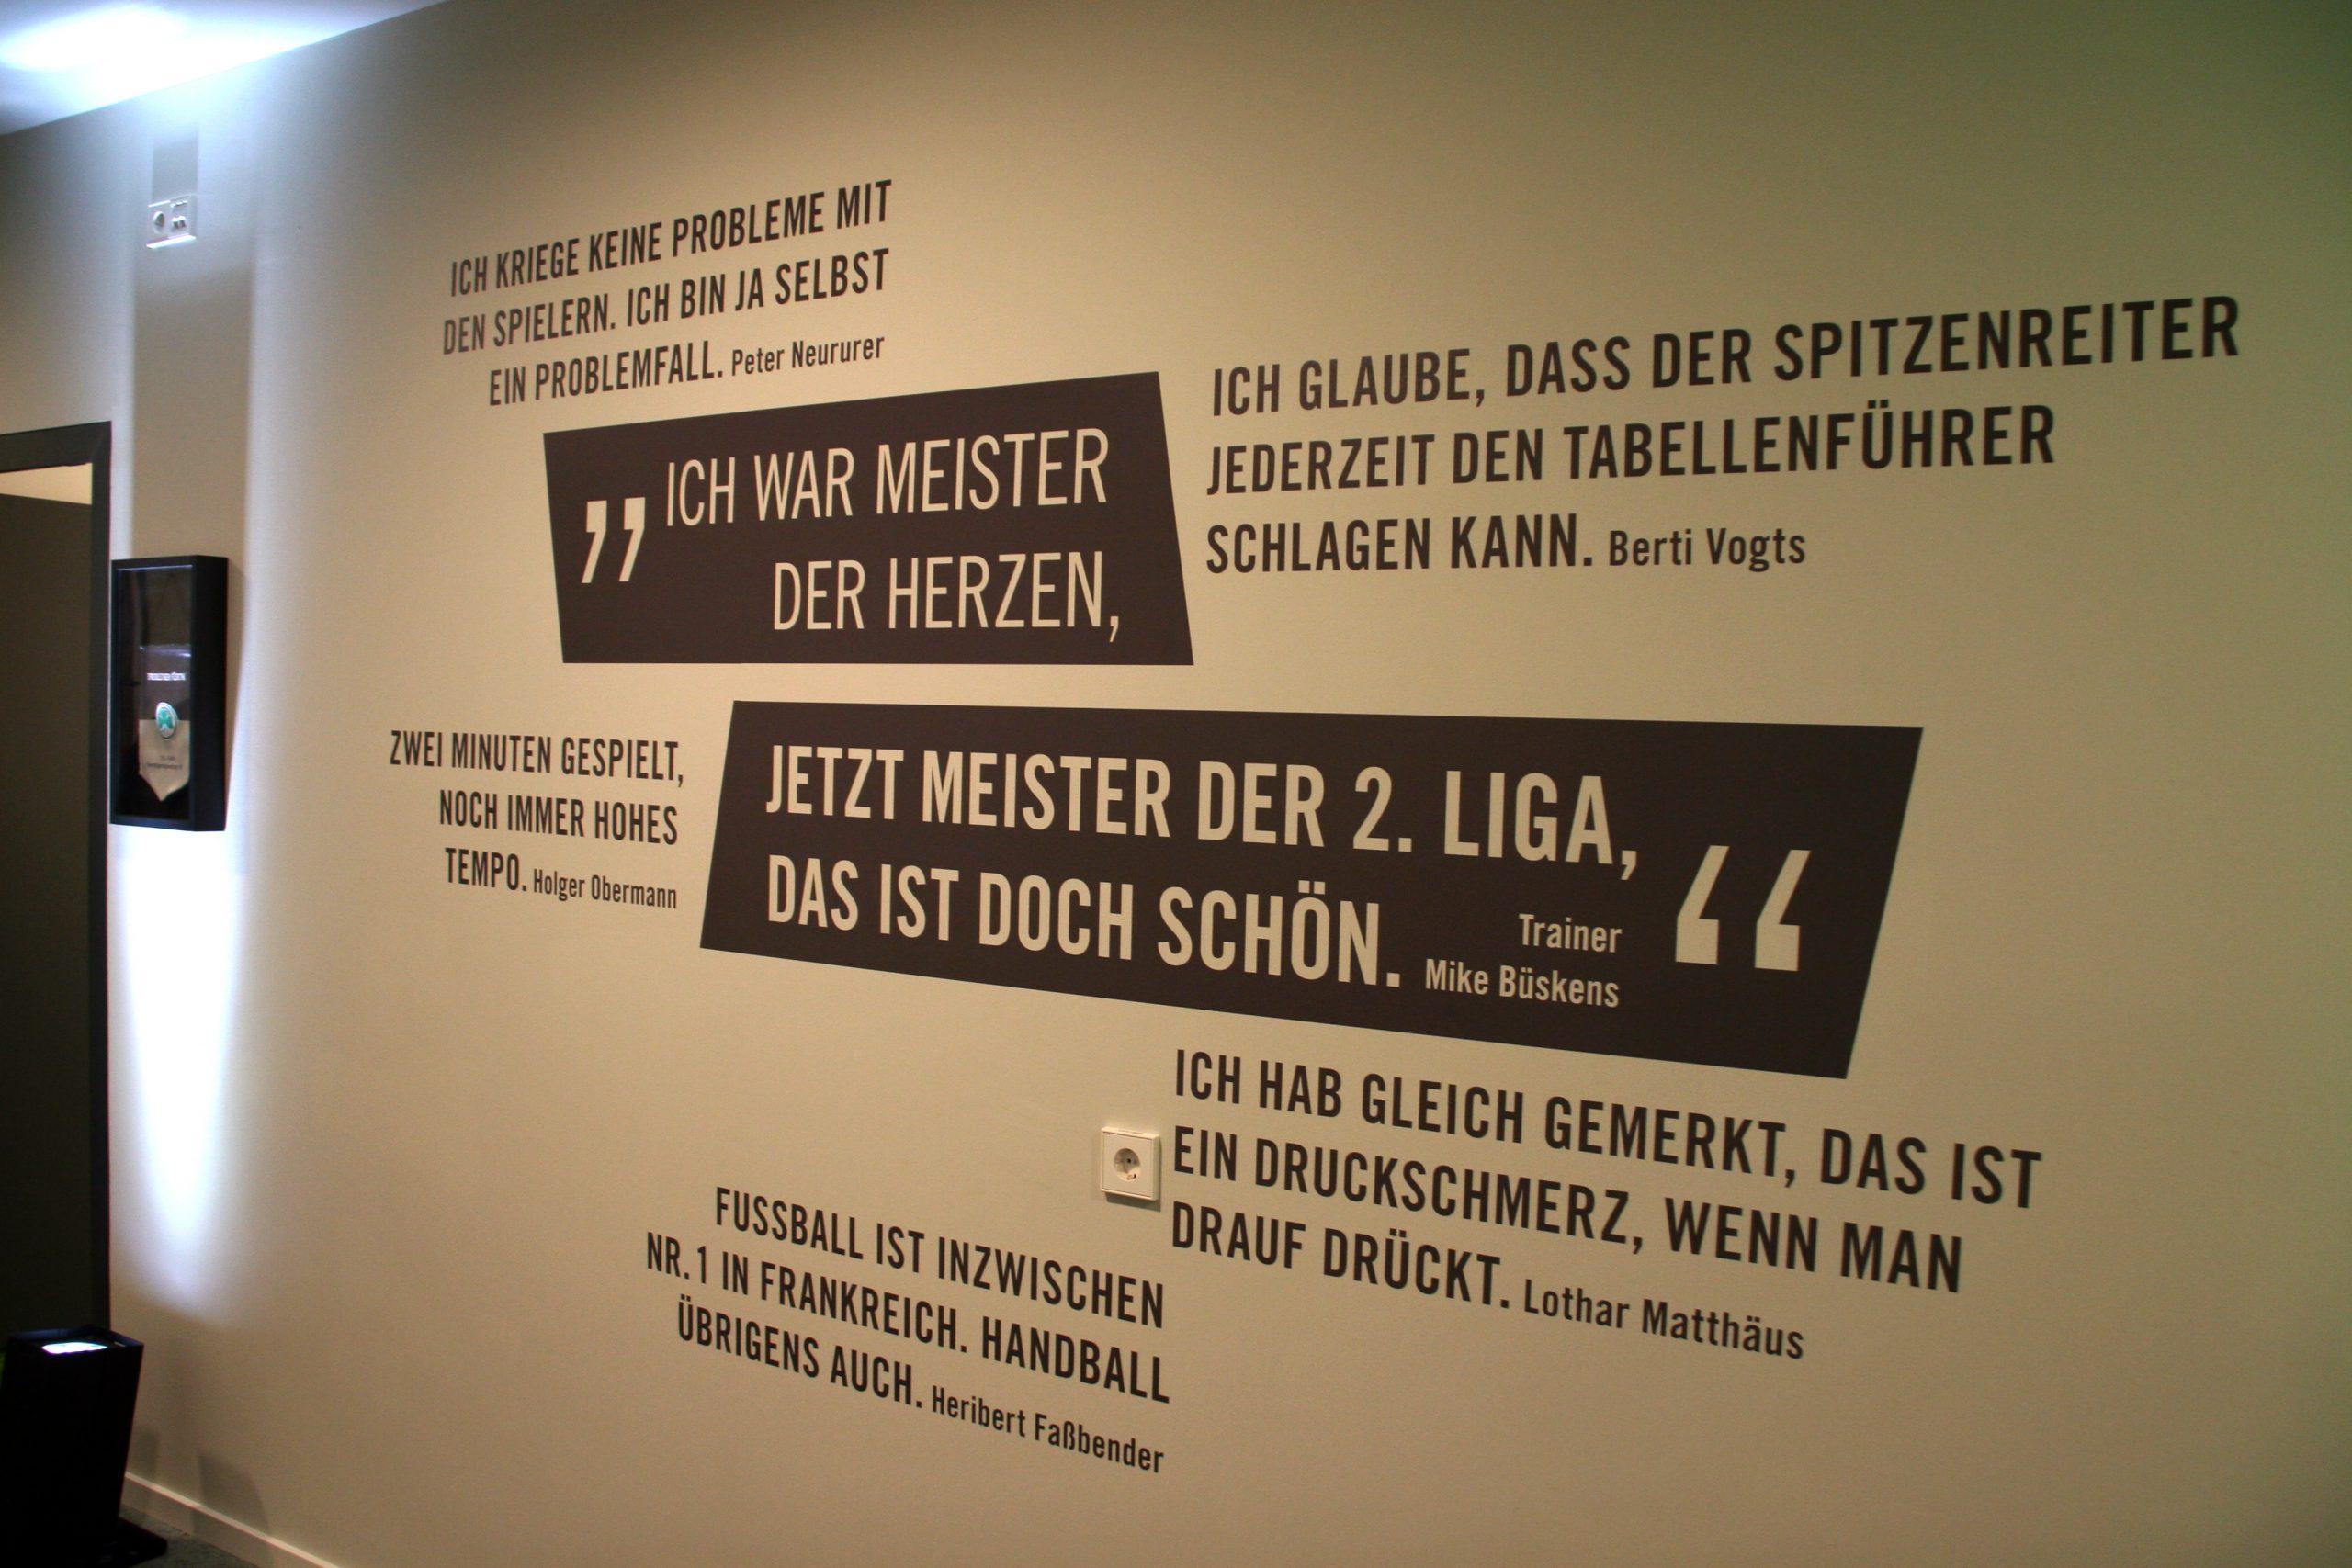 Full Size of Wandsprüche Selber Gestalten Wandsprüche österreich Lustige Wandsprüche Wandsprüche Schlafzimmer Küche Wandsprüche